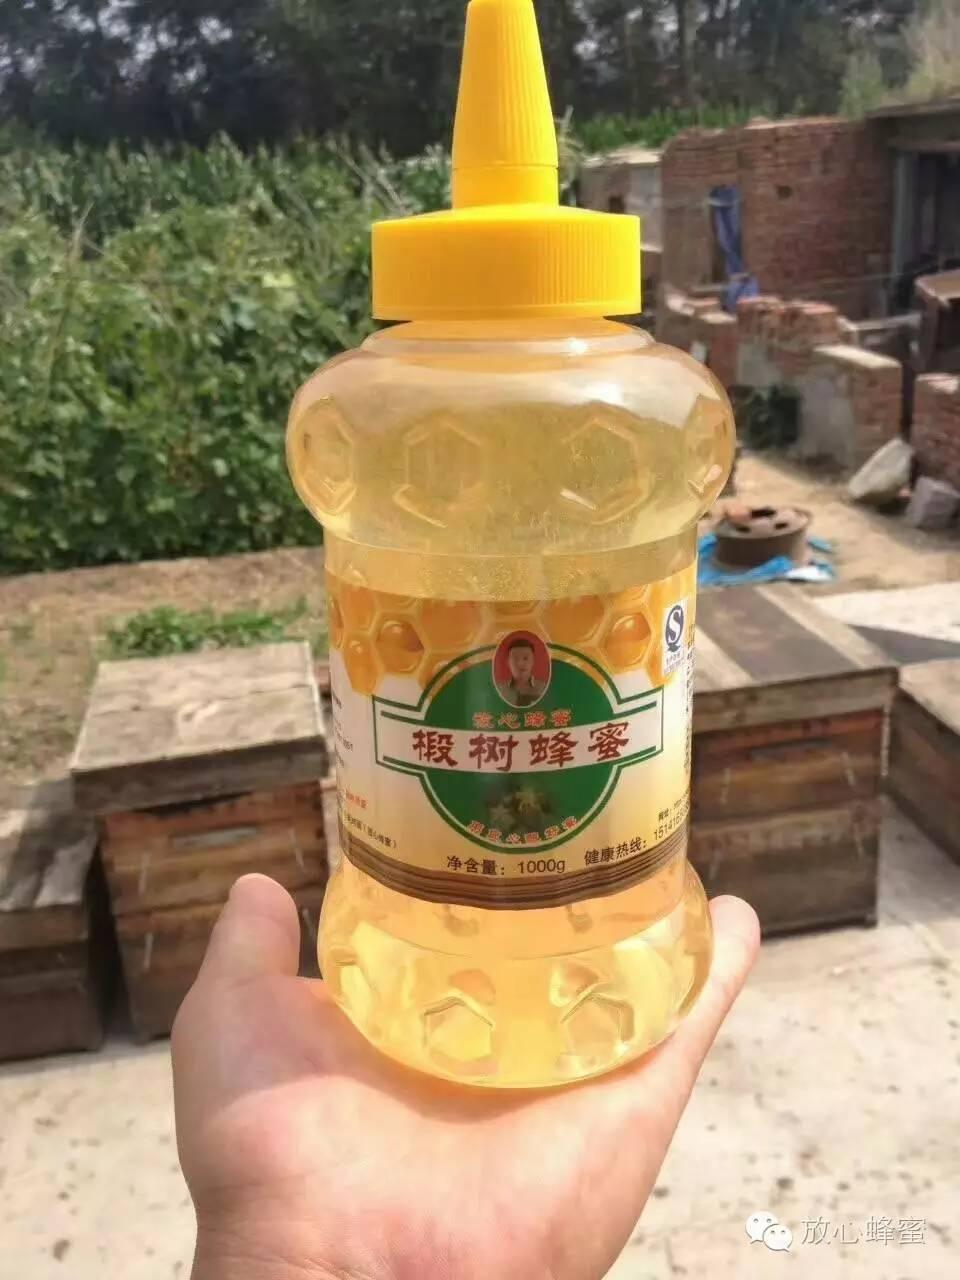 土蜂蜜结晶 蜂毒作用 纯天然的蜂蜜 洋槐蜂蜜的价格 老年人